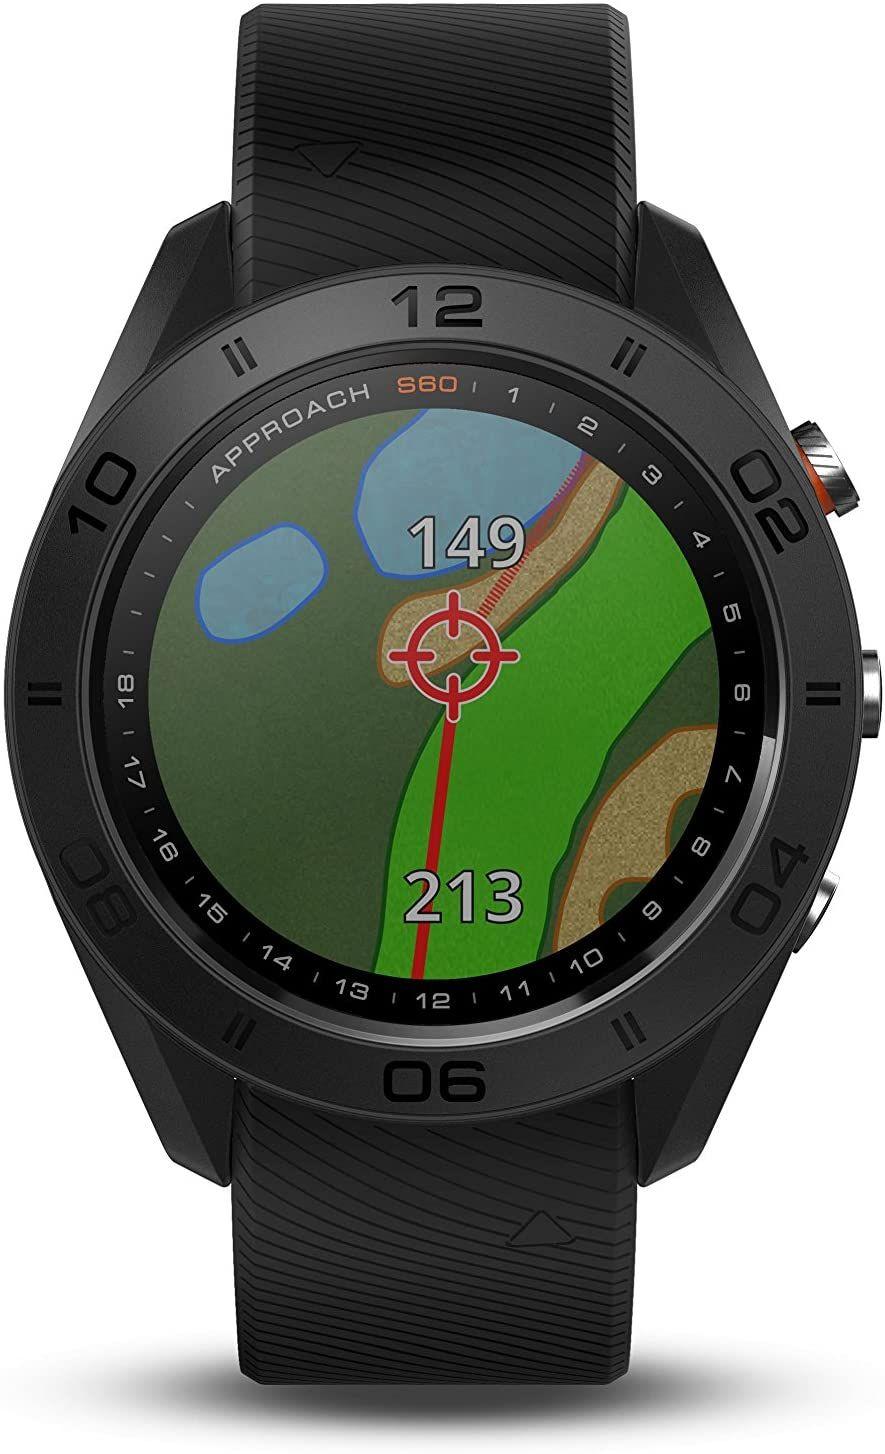 14+ Approach s60 premium gps golf watch ideas